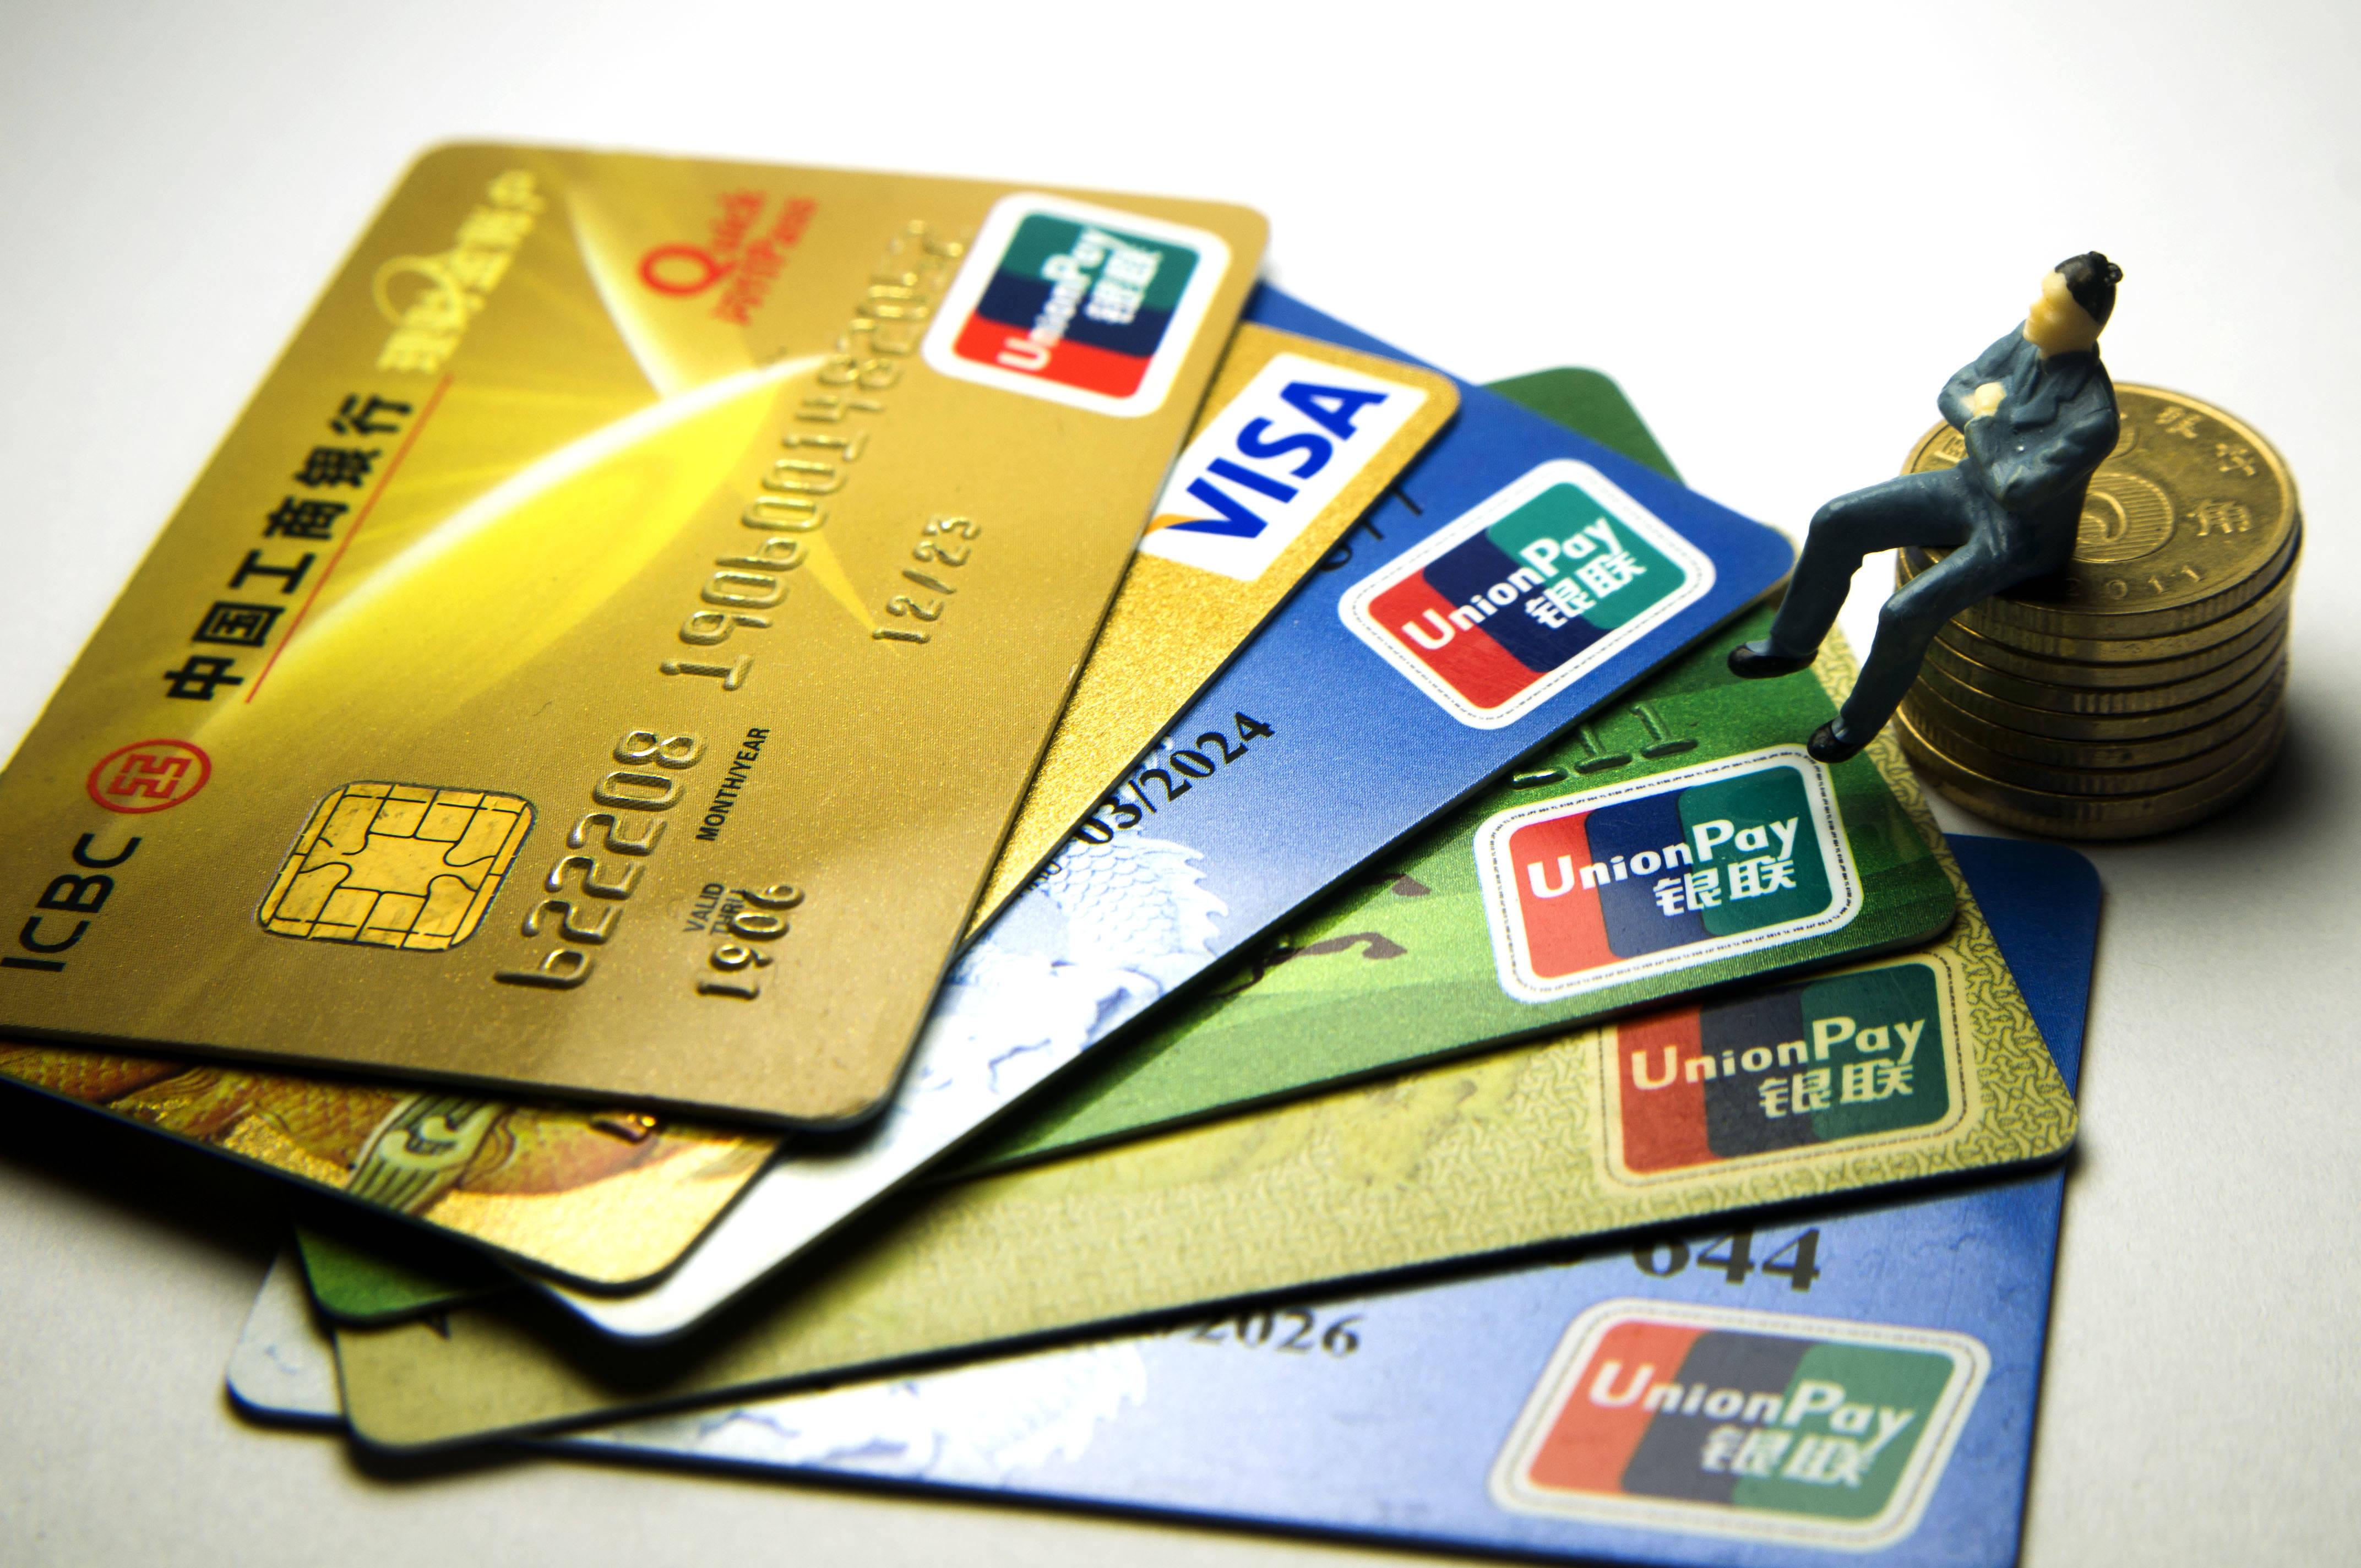 千万不要轻易尝试网申信用卡,网申信用卡的弊端有哪些?